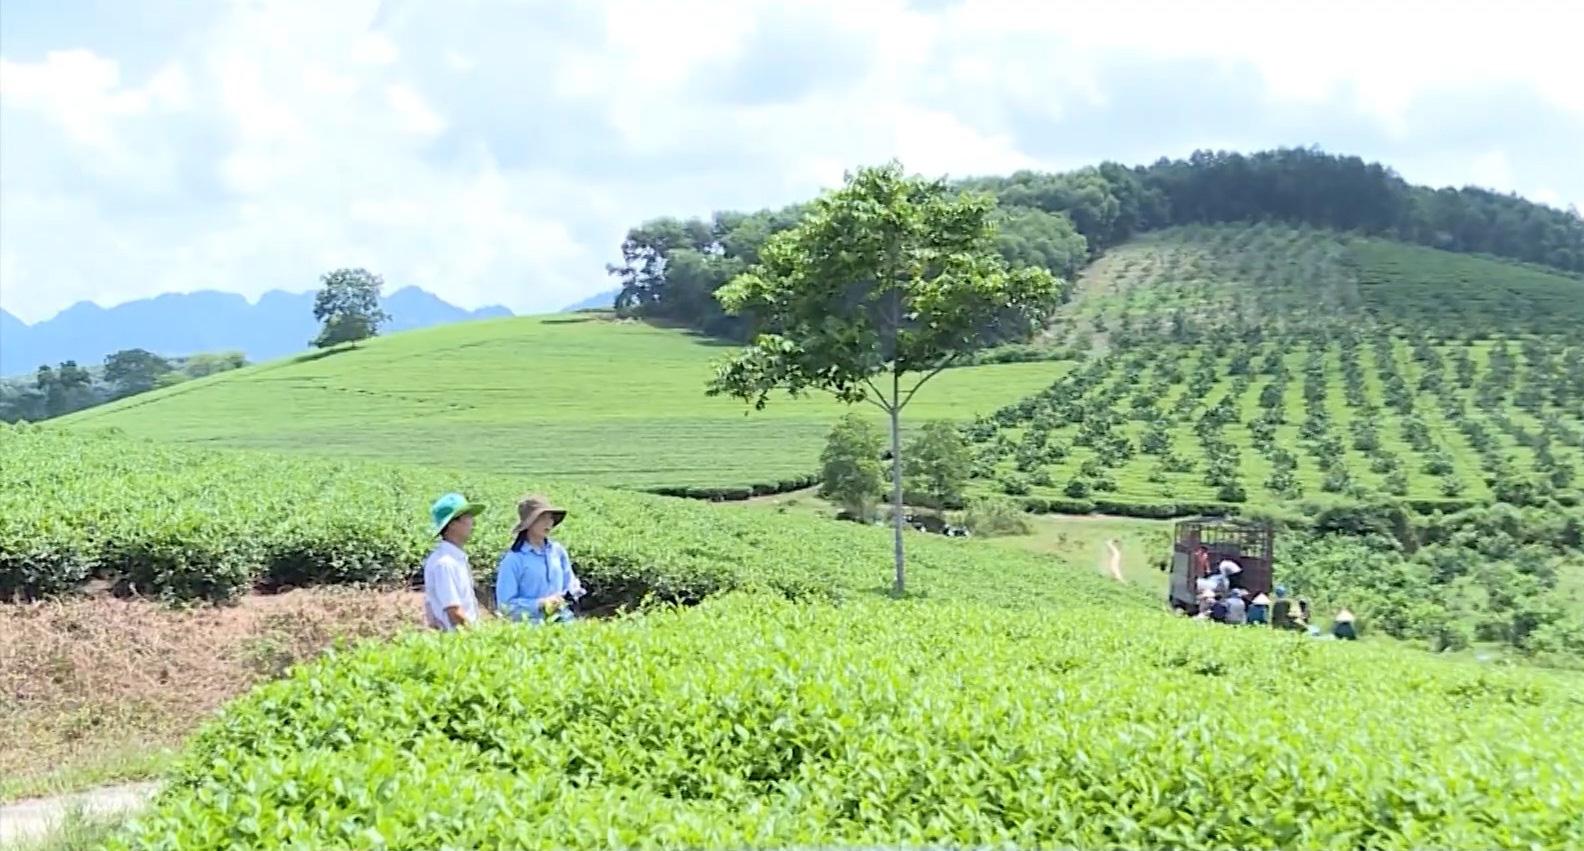 Tuyên Quang: Thay đổi, nâng cao chất lượng chè nông sản, mỗi hộ thành viên thu về hơn 100 triệu/năm/hecta - Ảnh 2.